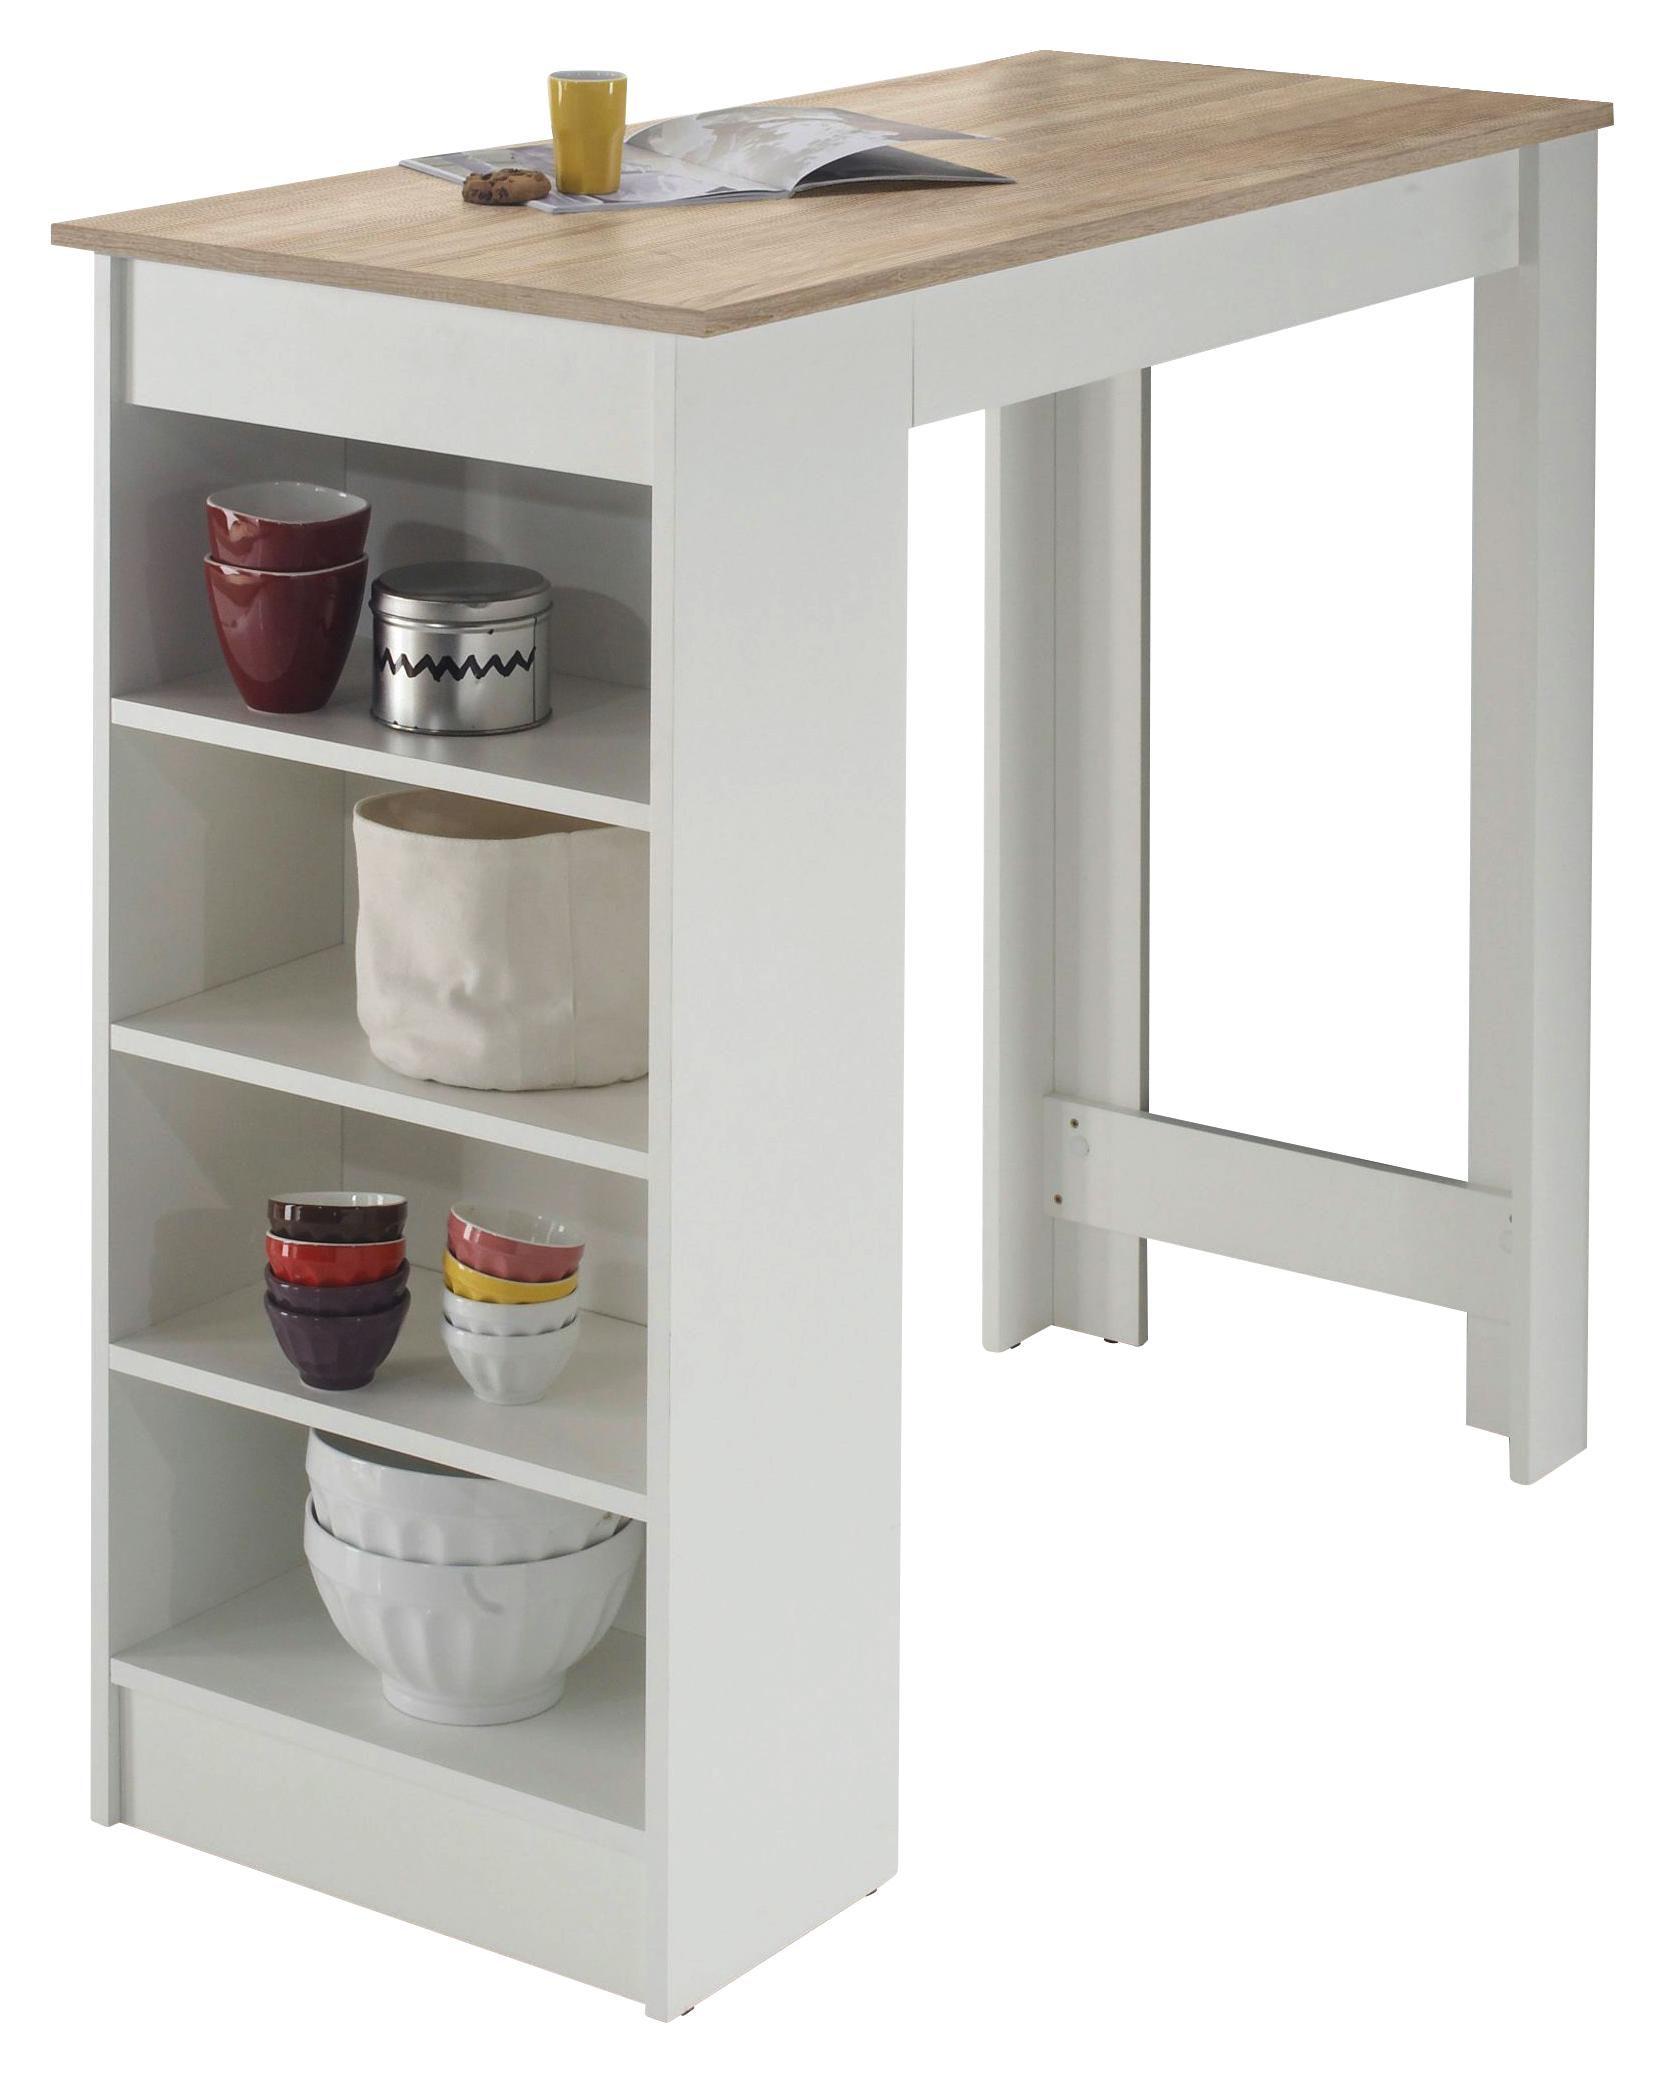 BARSKI STOL - bijela/boje hrasta, Design, drvni materijal (115/104/50cm) - Ti`me